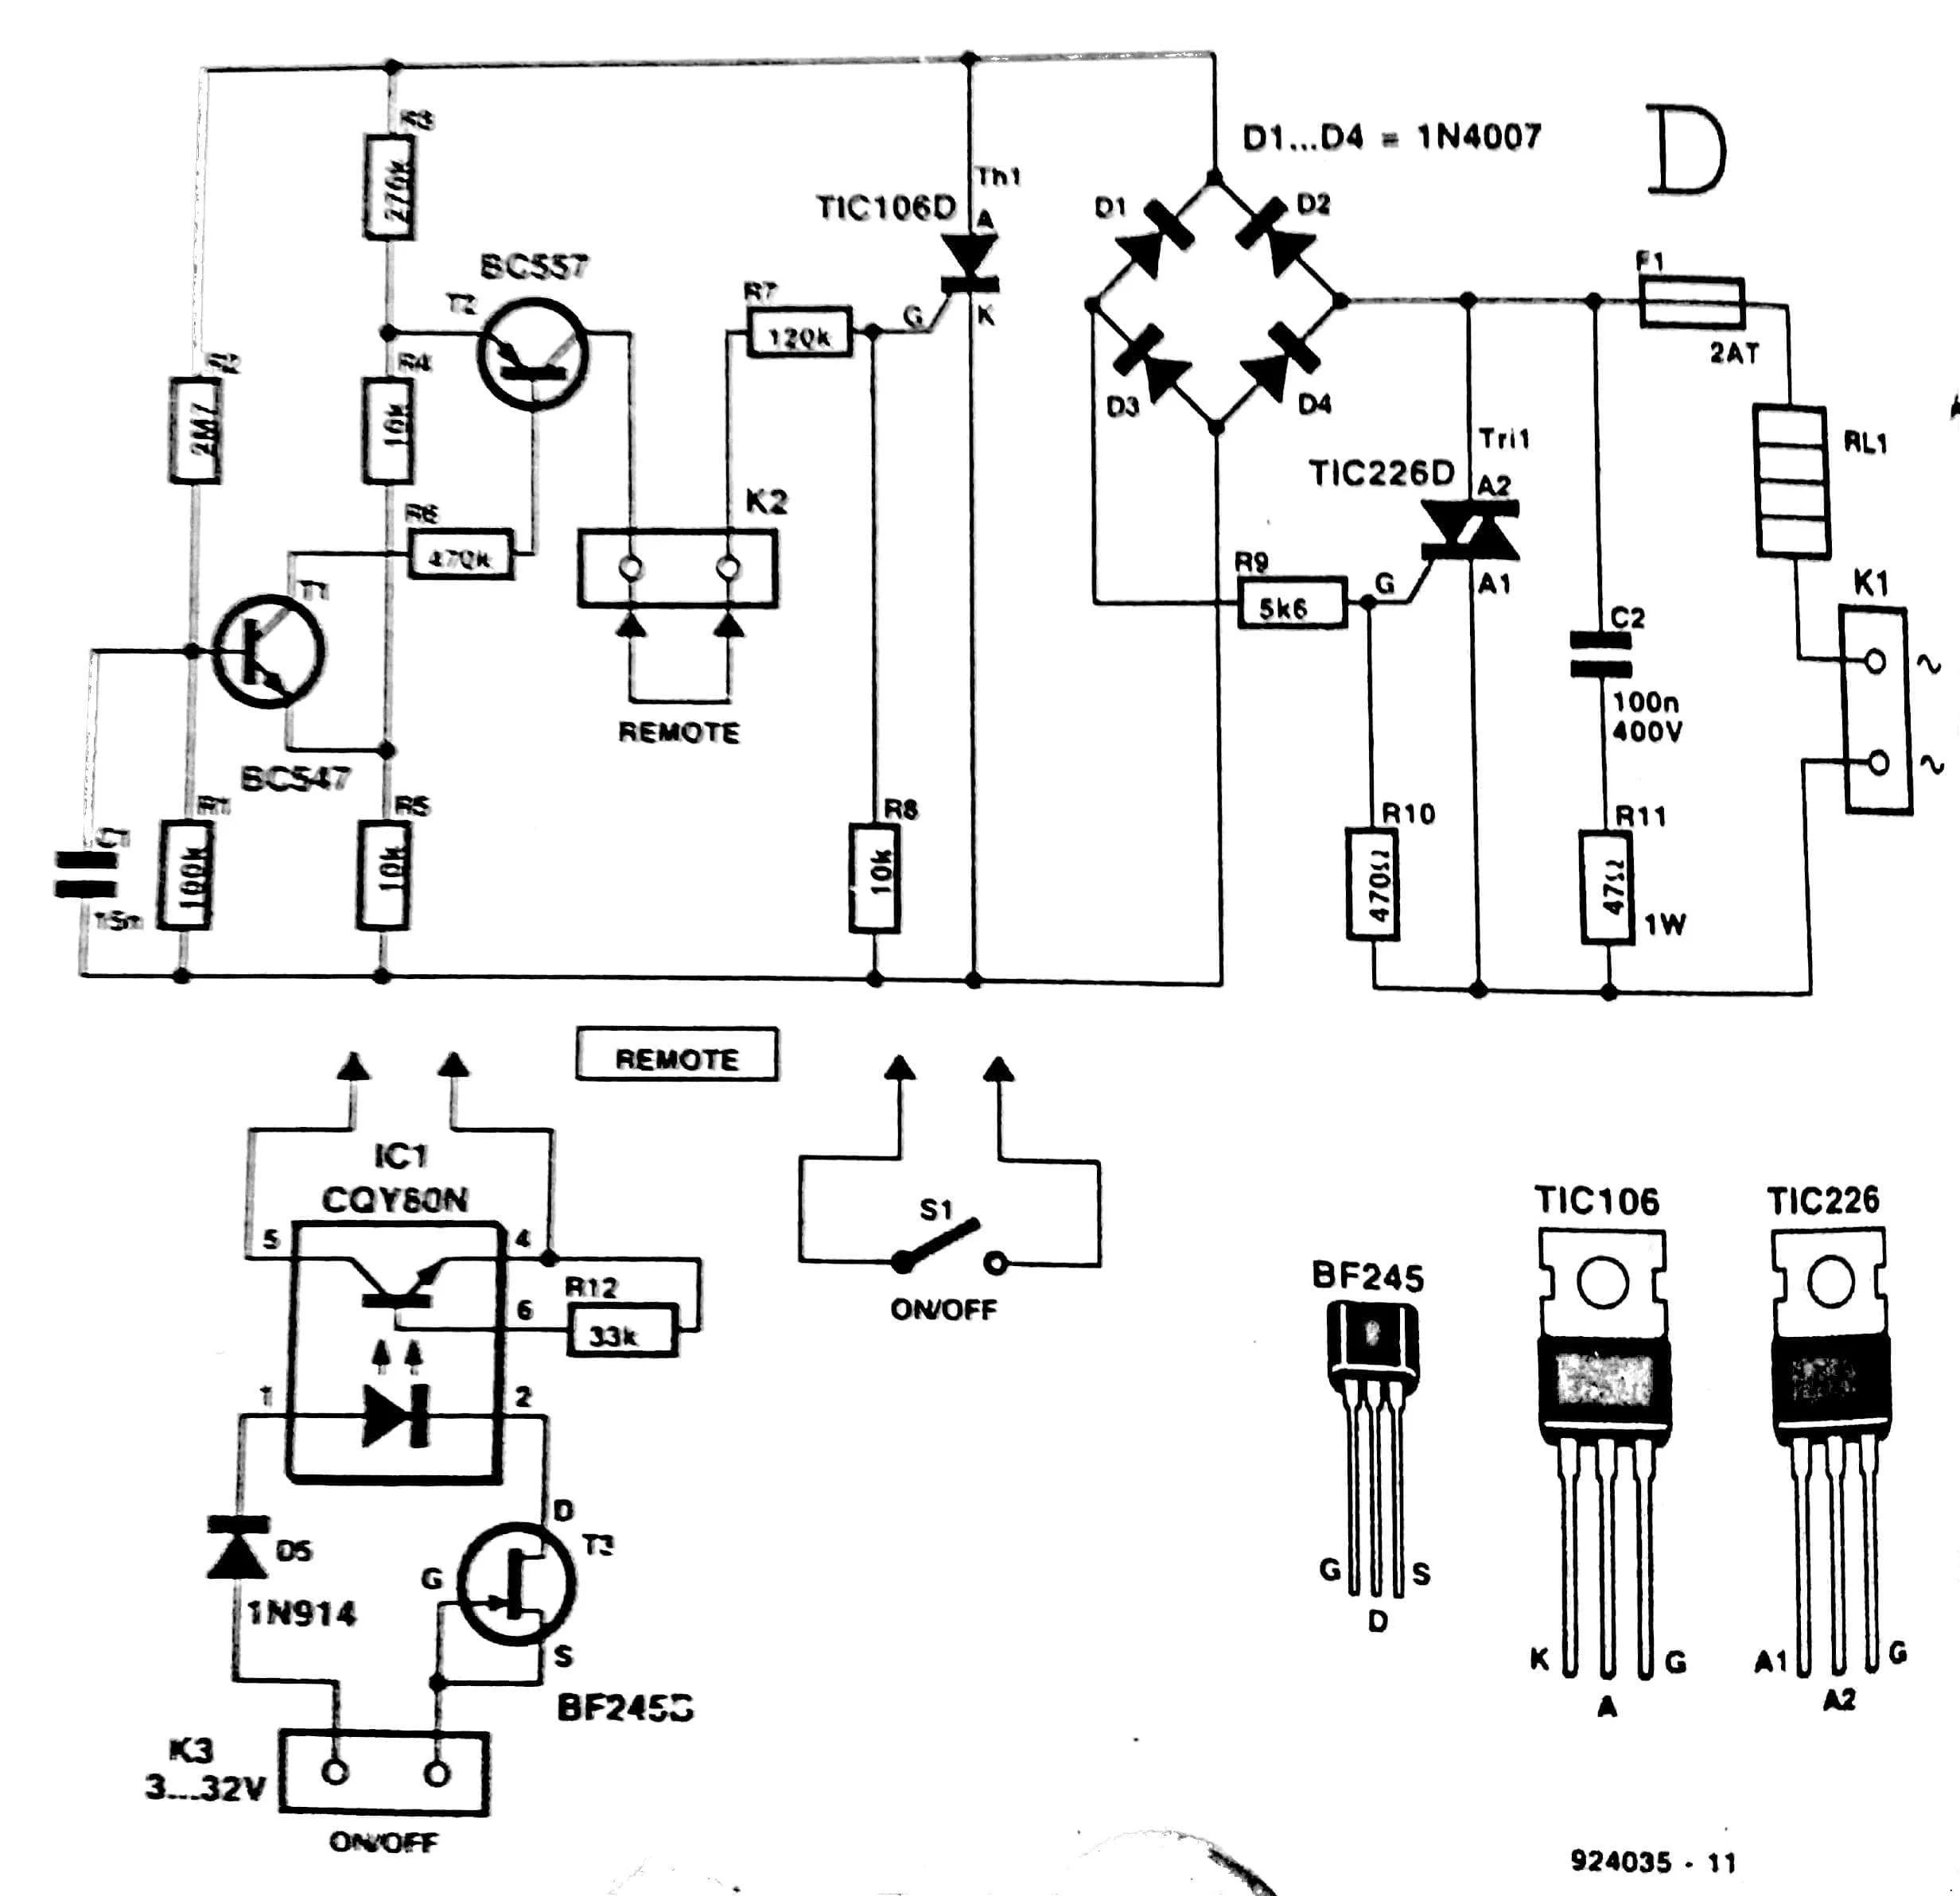 6409 power converter diagram wiring diagram schematic